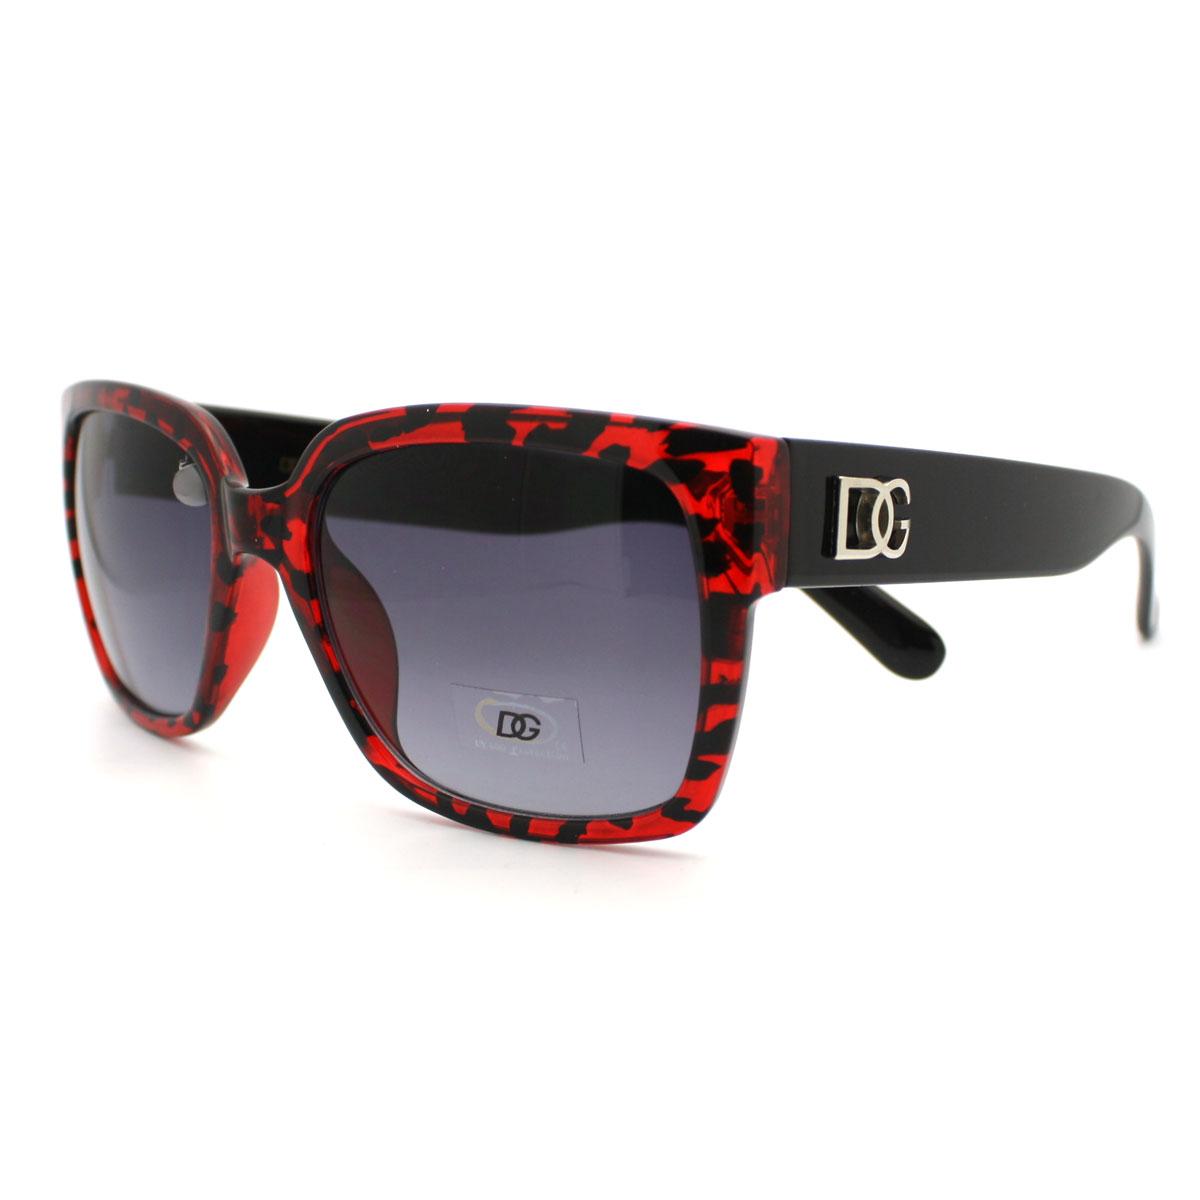 design eyewear  new dg eyewear